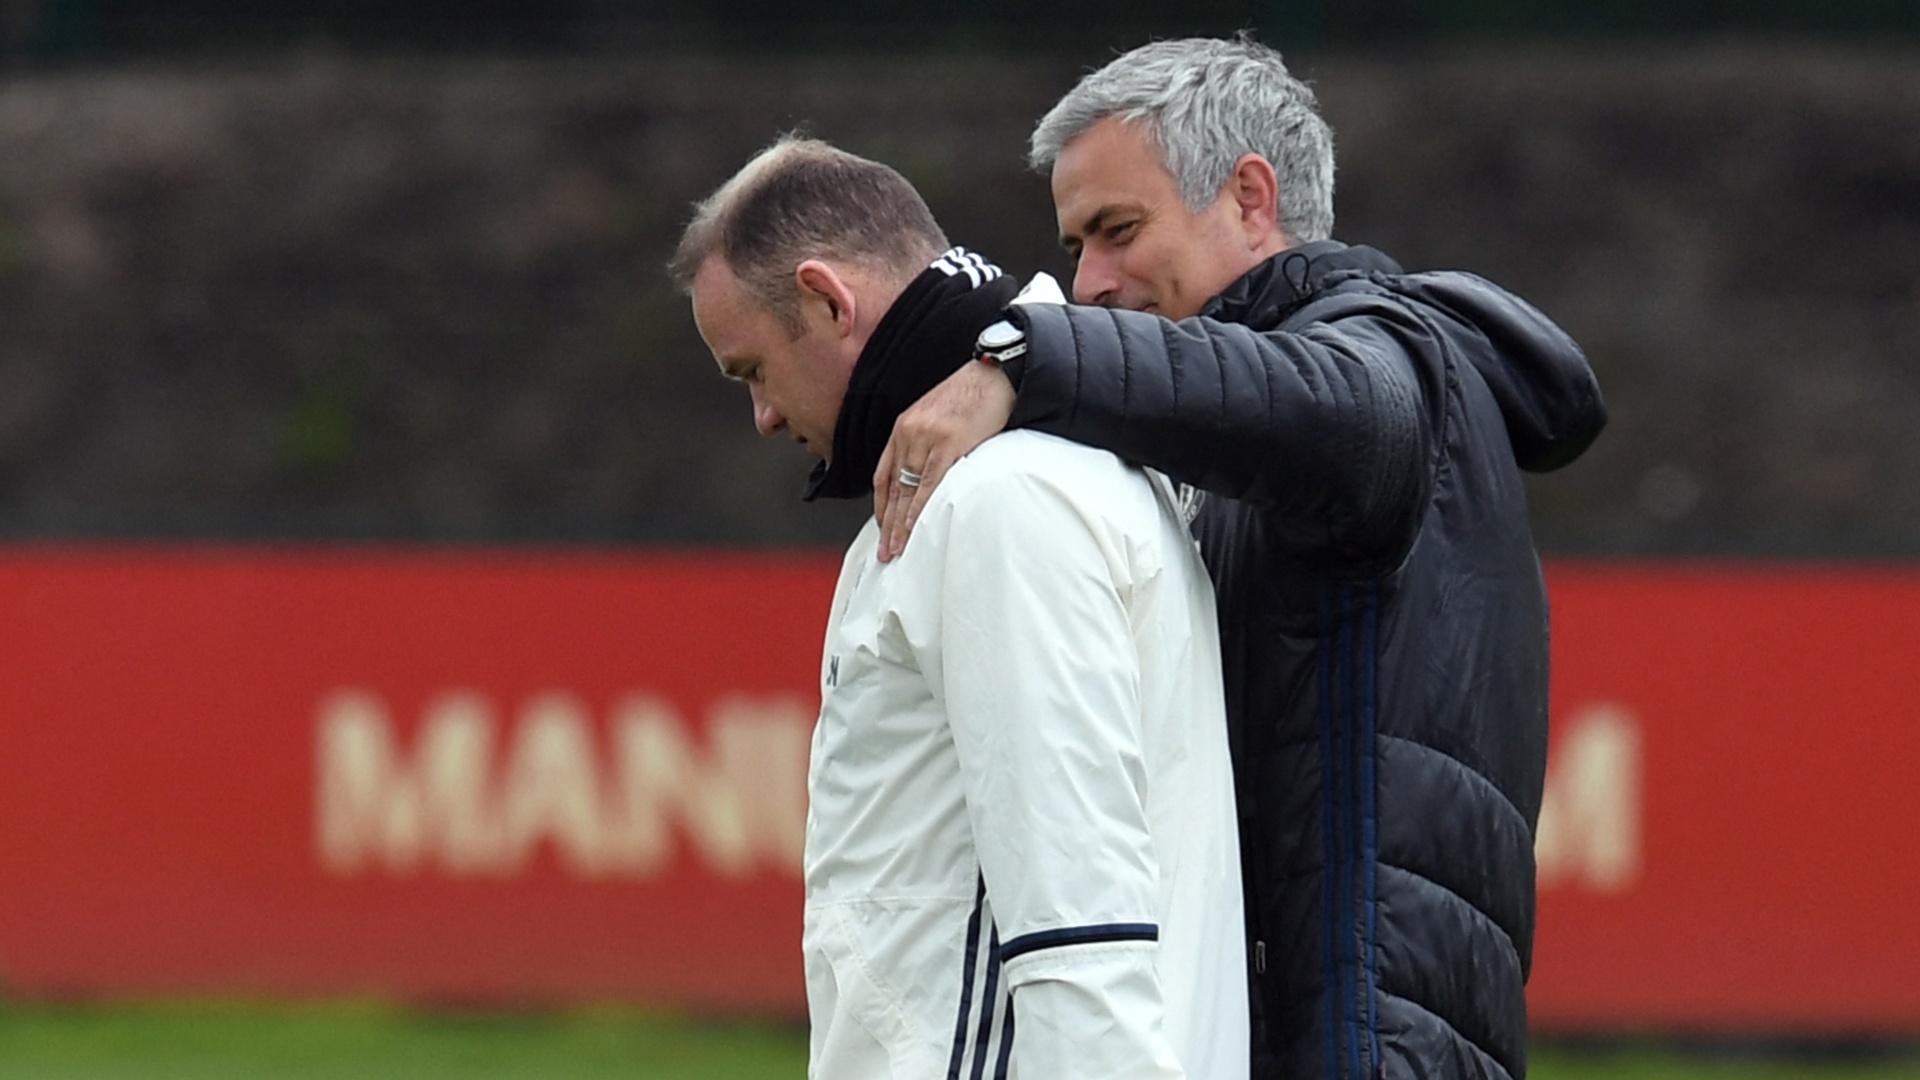 روني يصف إقالة مورينيو قبل نهائي كأس الرابطة